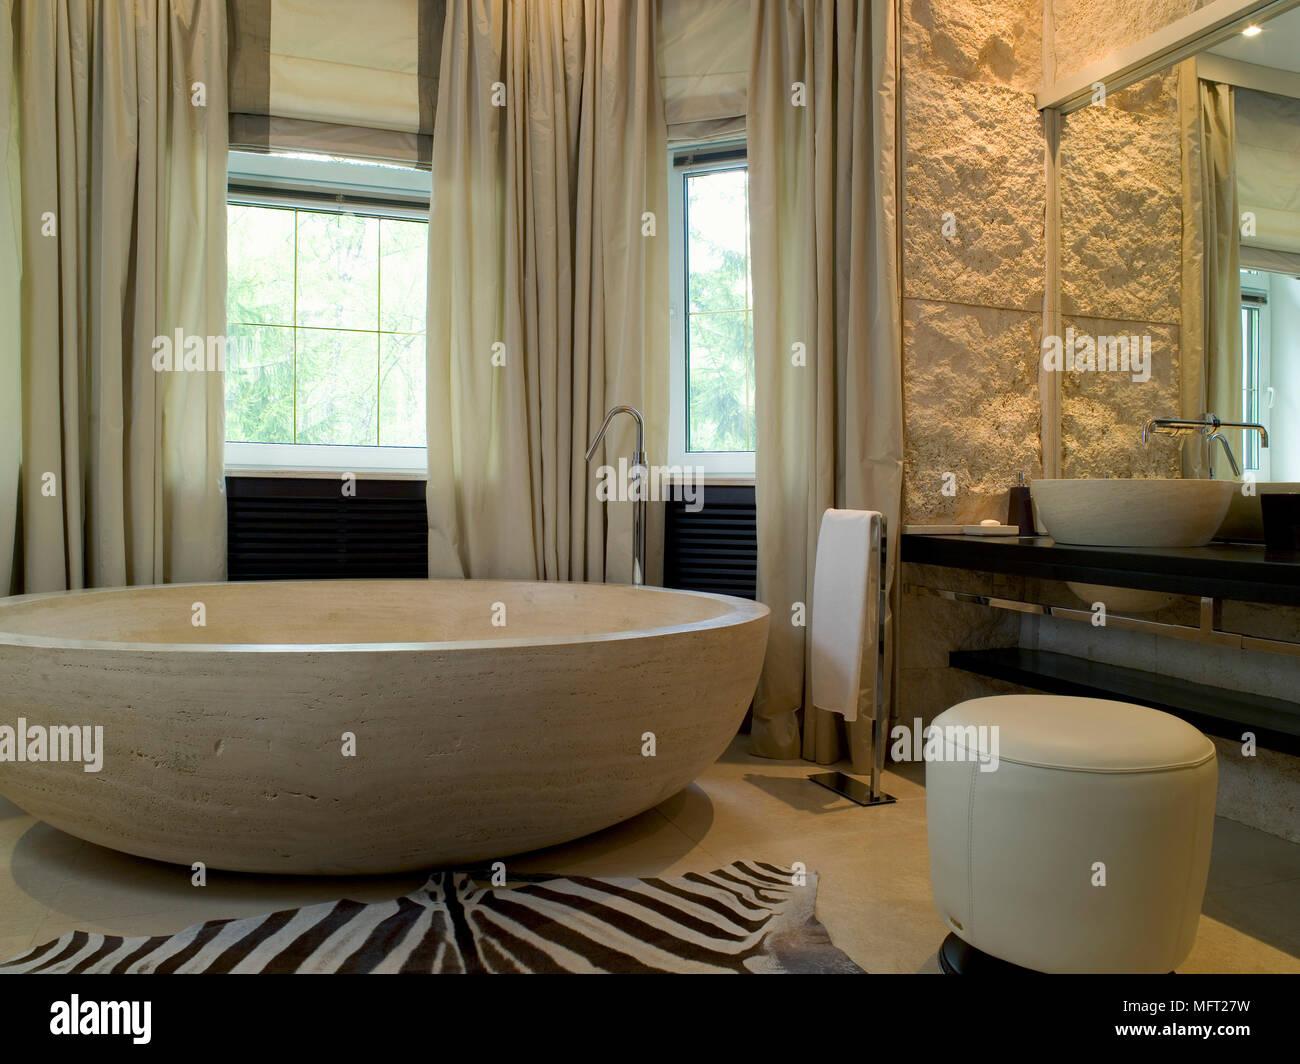 Salle de bains luxueuse avec grande baignoire circulaire à côté de ...